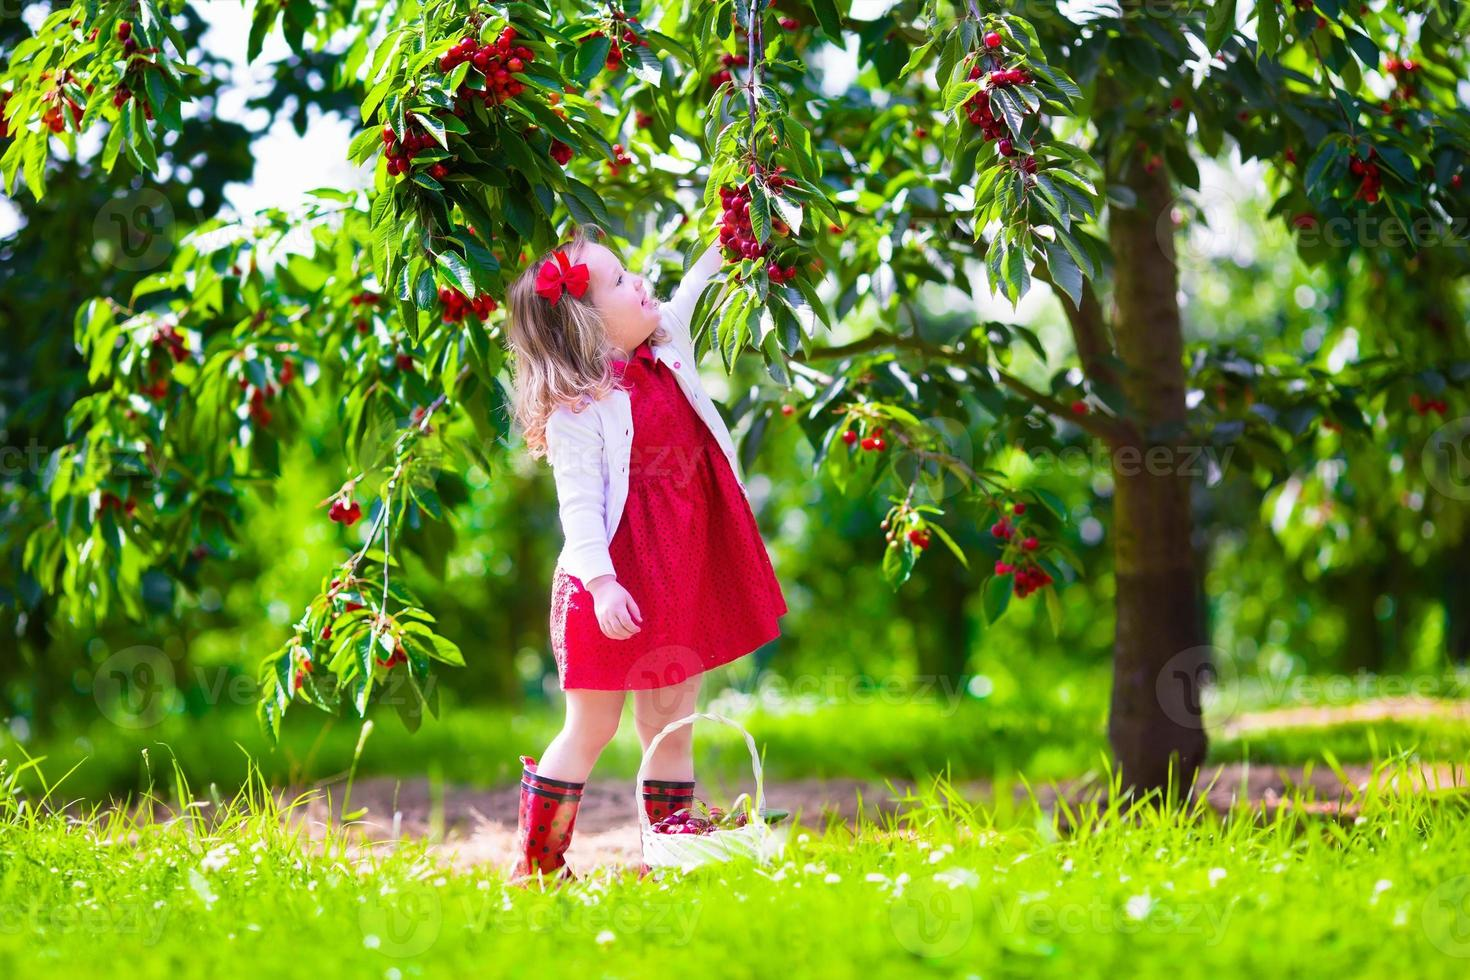 bambina carina raccogliendo bacche fresche di ciliegie in giardino foto